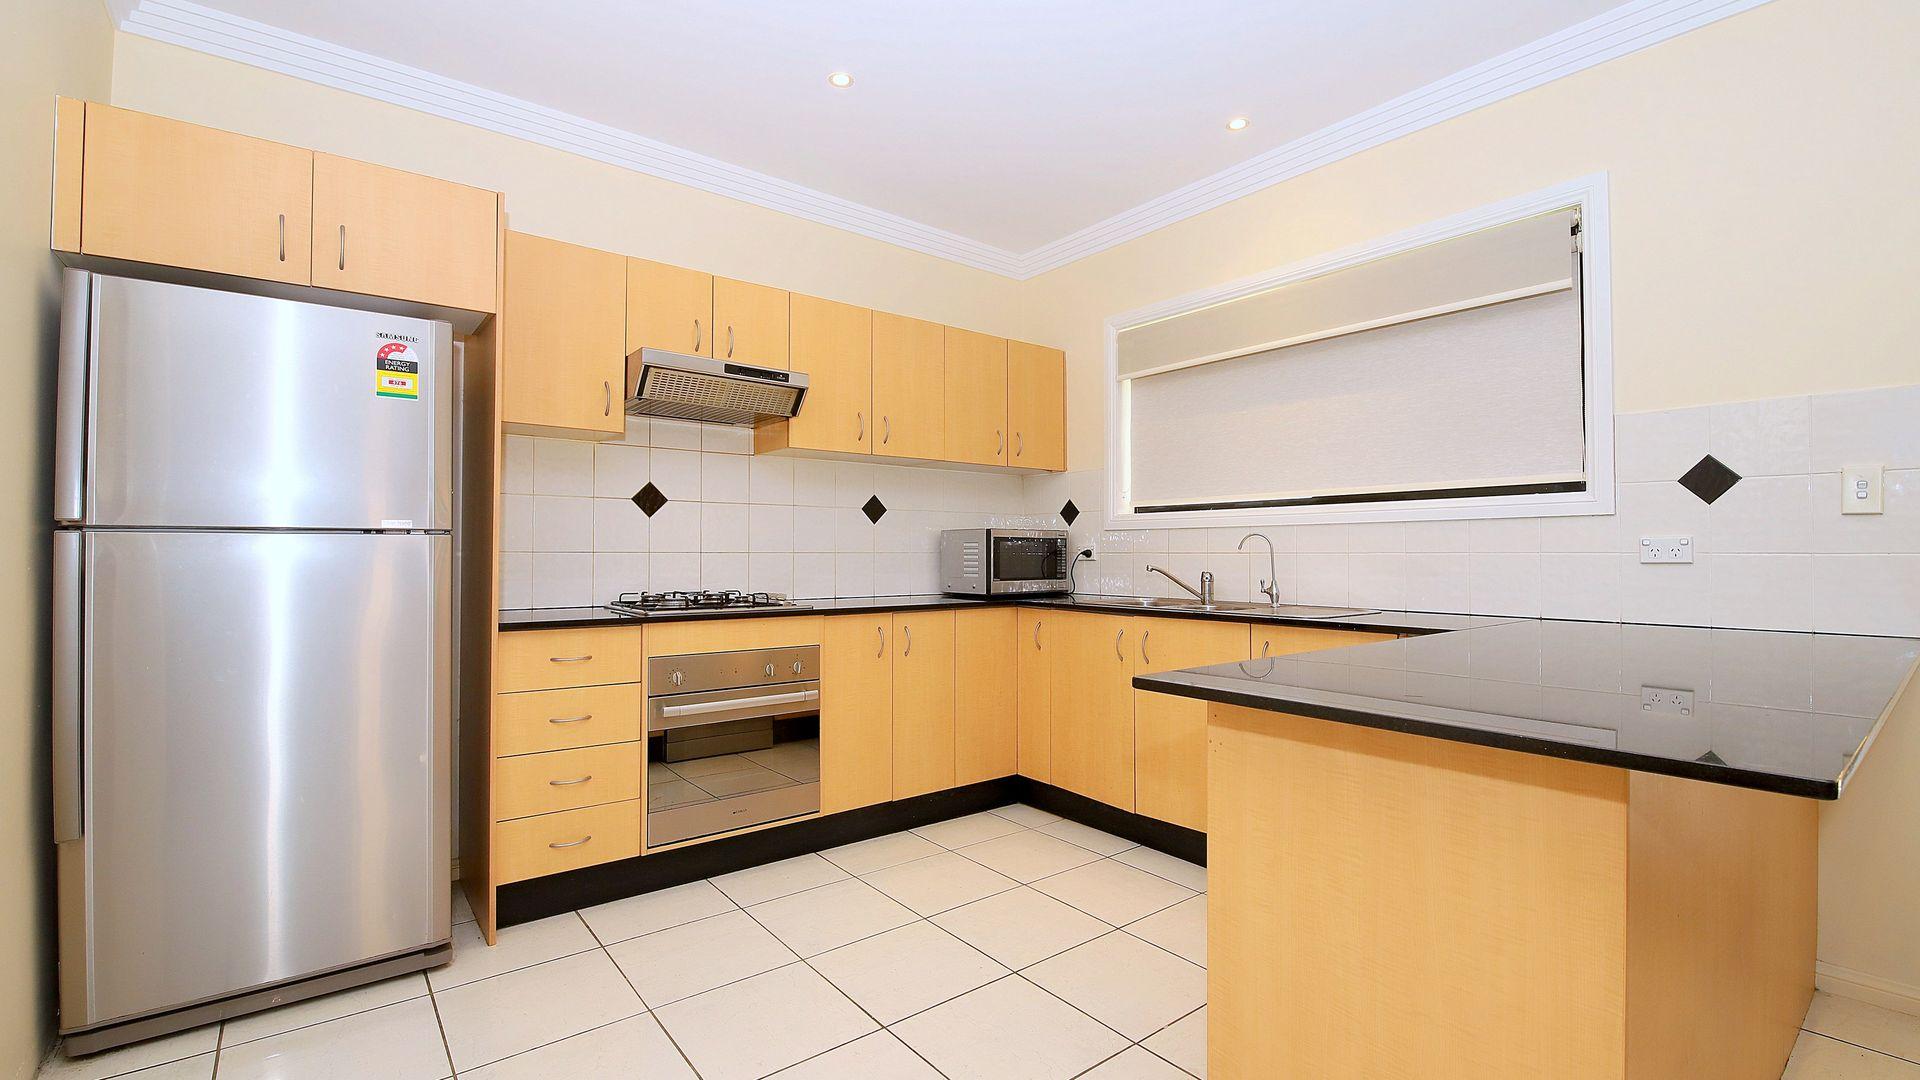 4/19-21 Jellicoe Street, Condell Park NSW 2200, Image 1